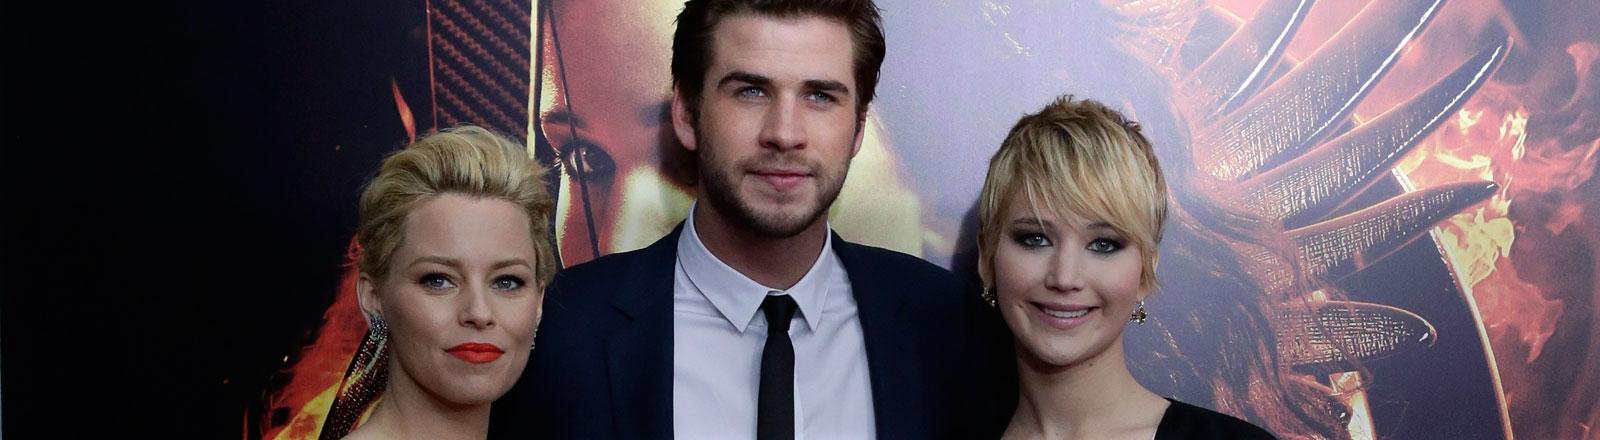 """Elizabeth Banks (r), Liam Hemsworth (m.) und Jennifer Lawrence bei der Präsentation des 3. Teils von """"Die Tribute von Panem"""" """"Mockingjay - Teil 1""""."""